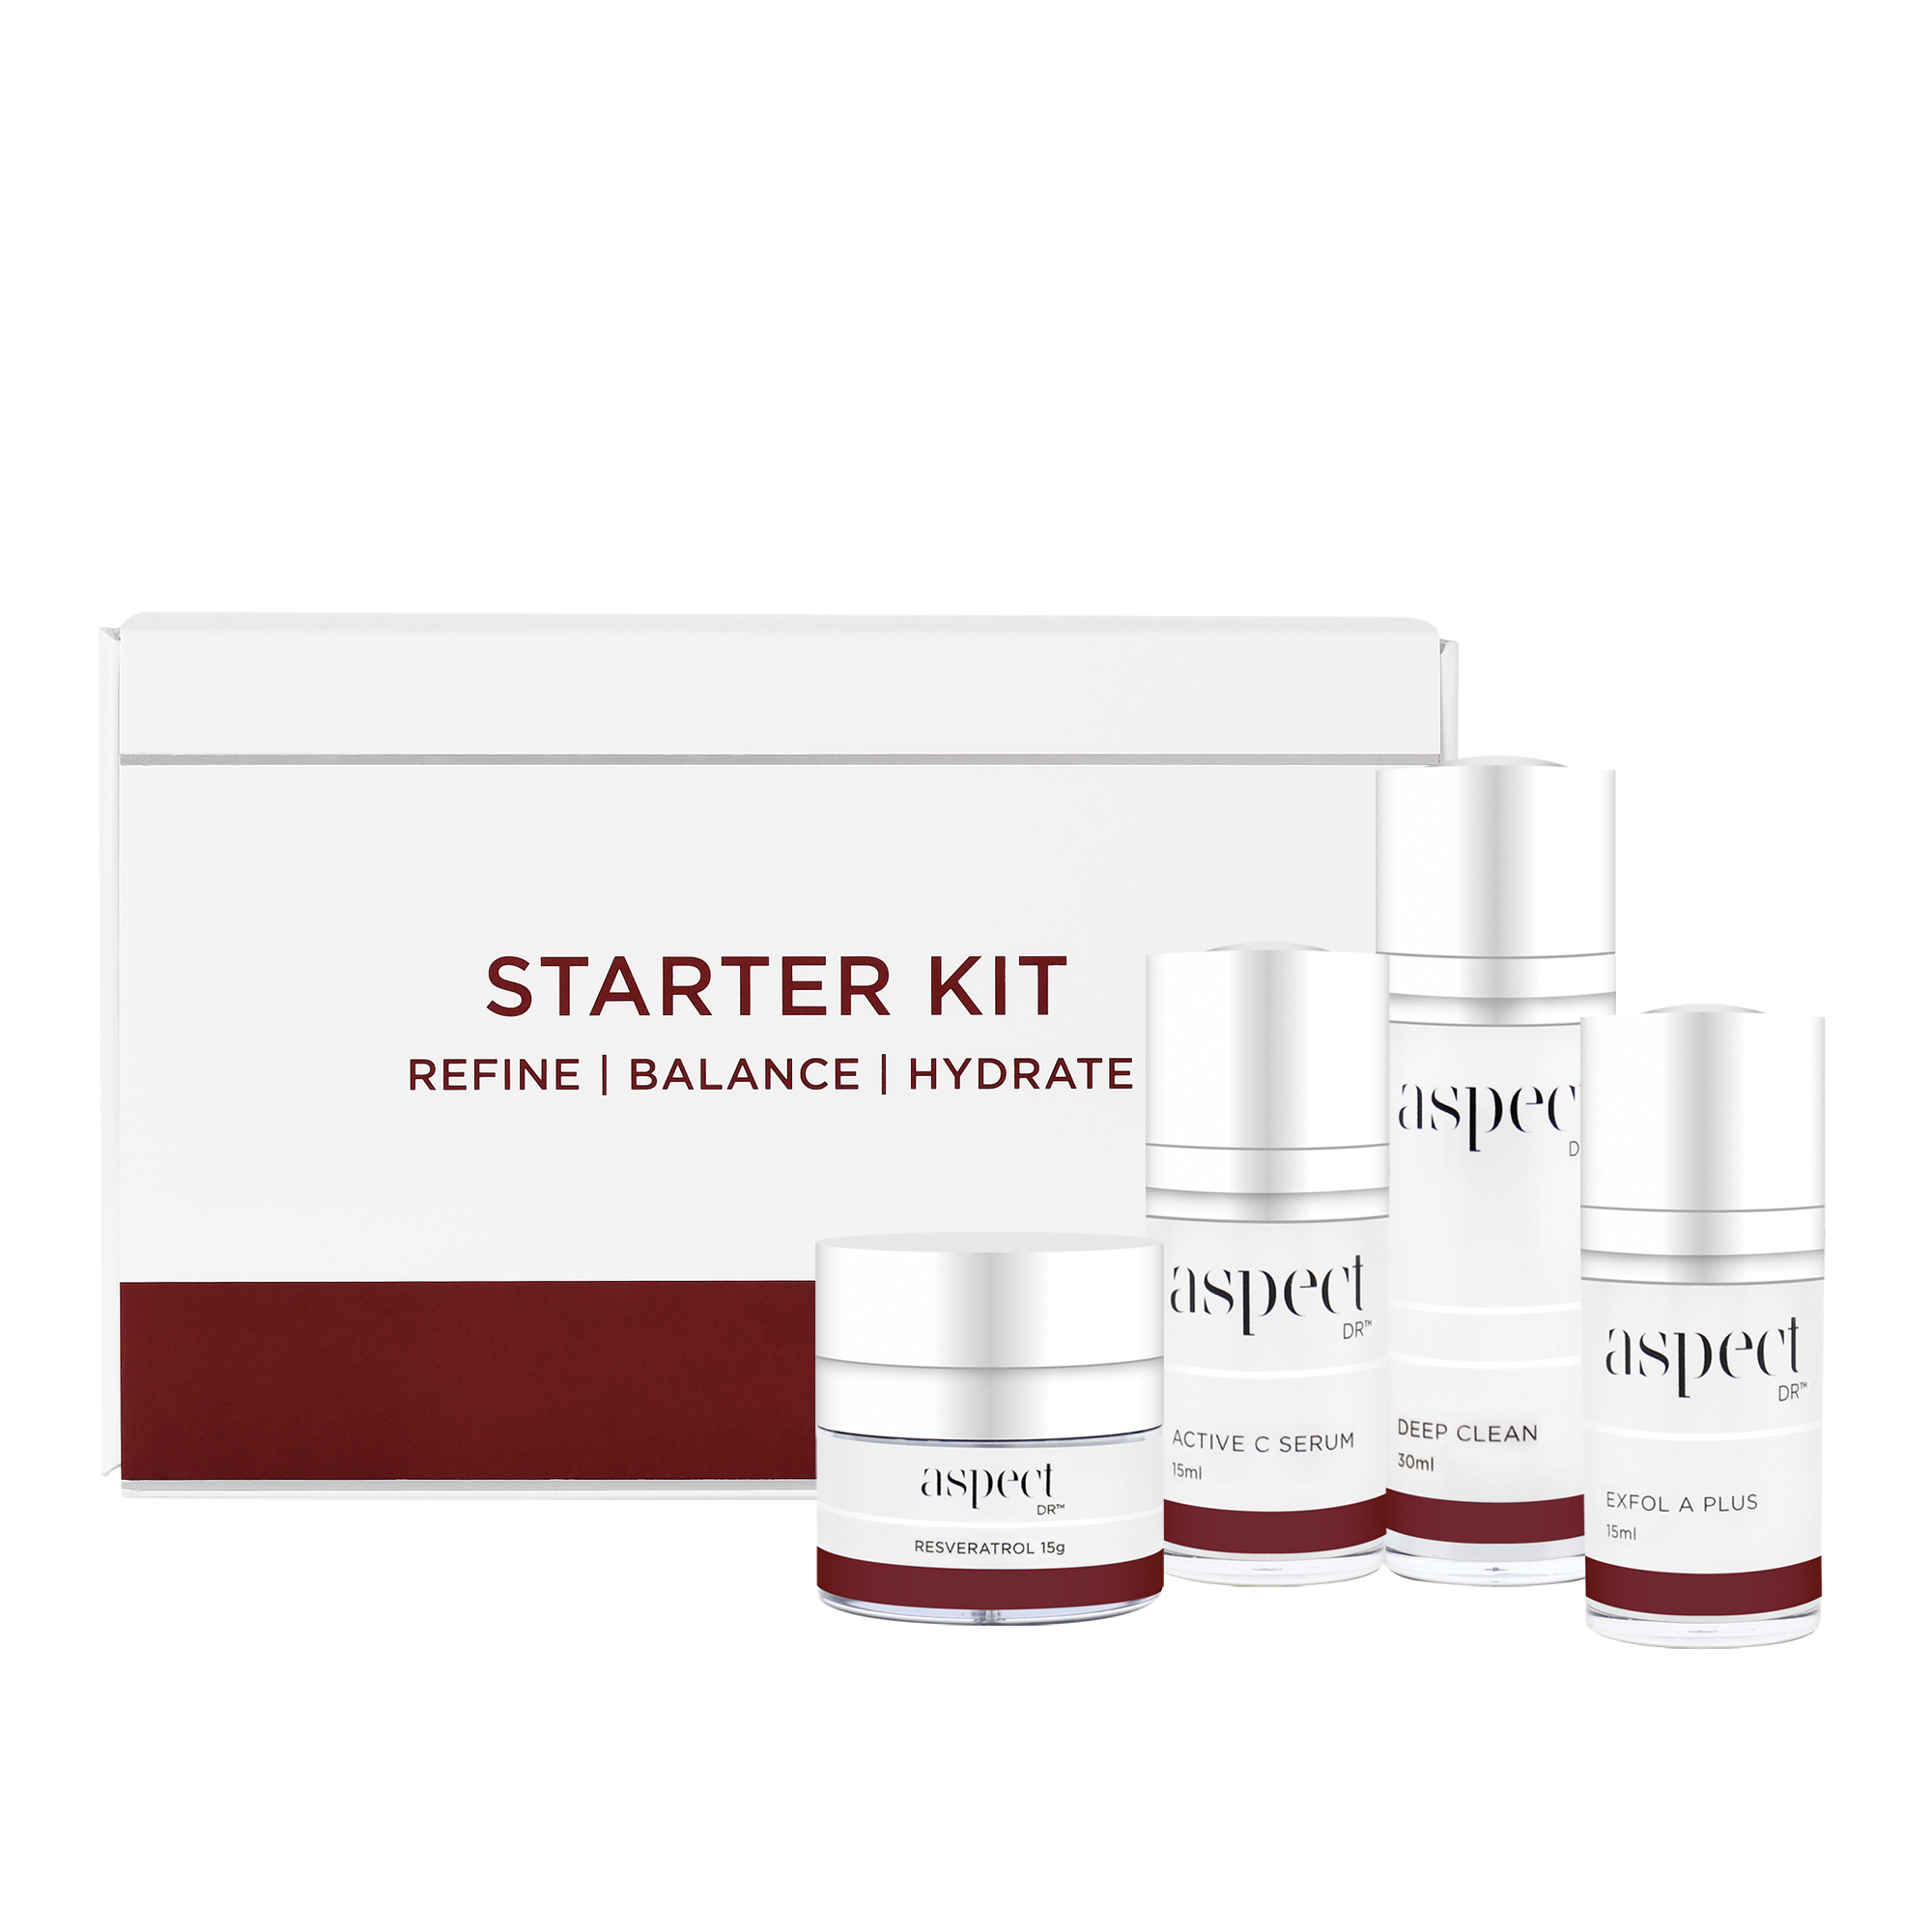 Buy Aspect Dr Starter Kit Online The Skin Care Clinic